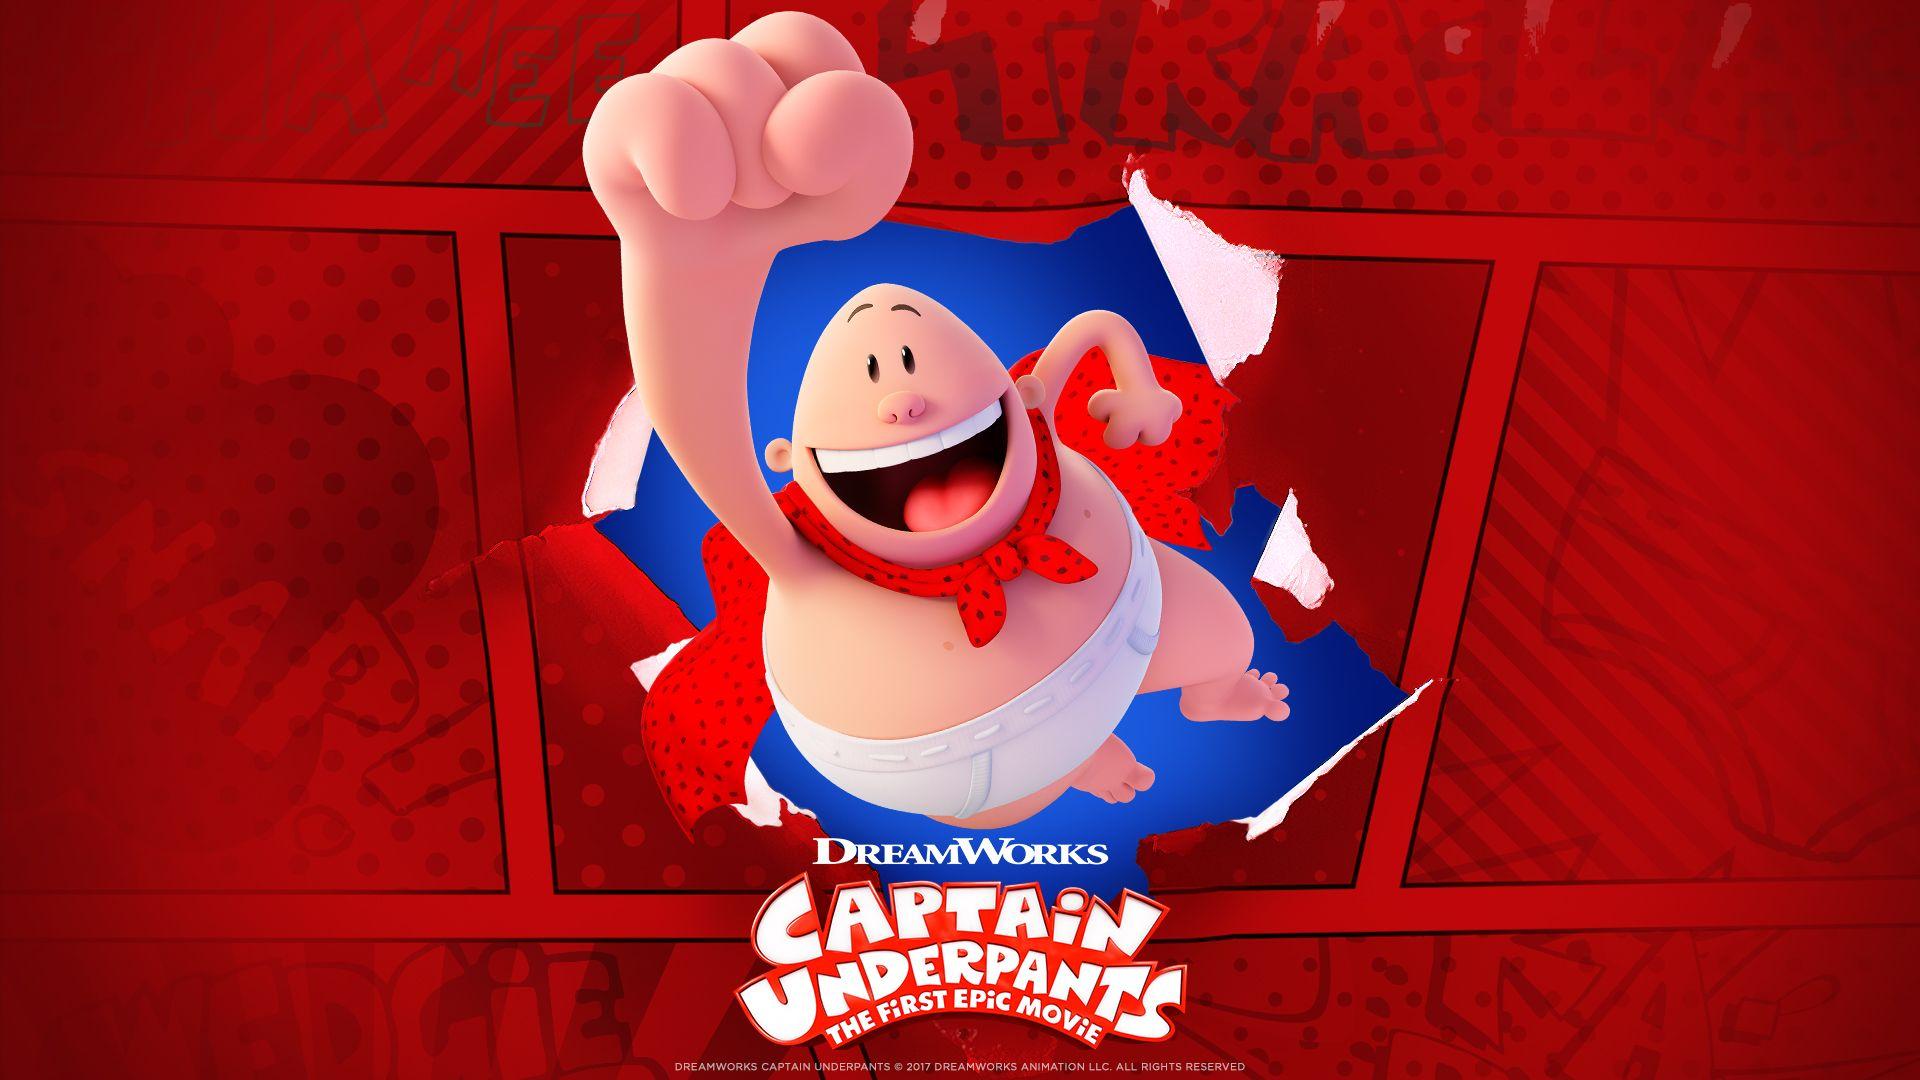 captain underpants dreamworks animation captain underpants